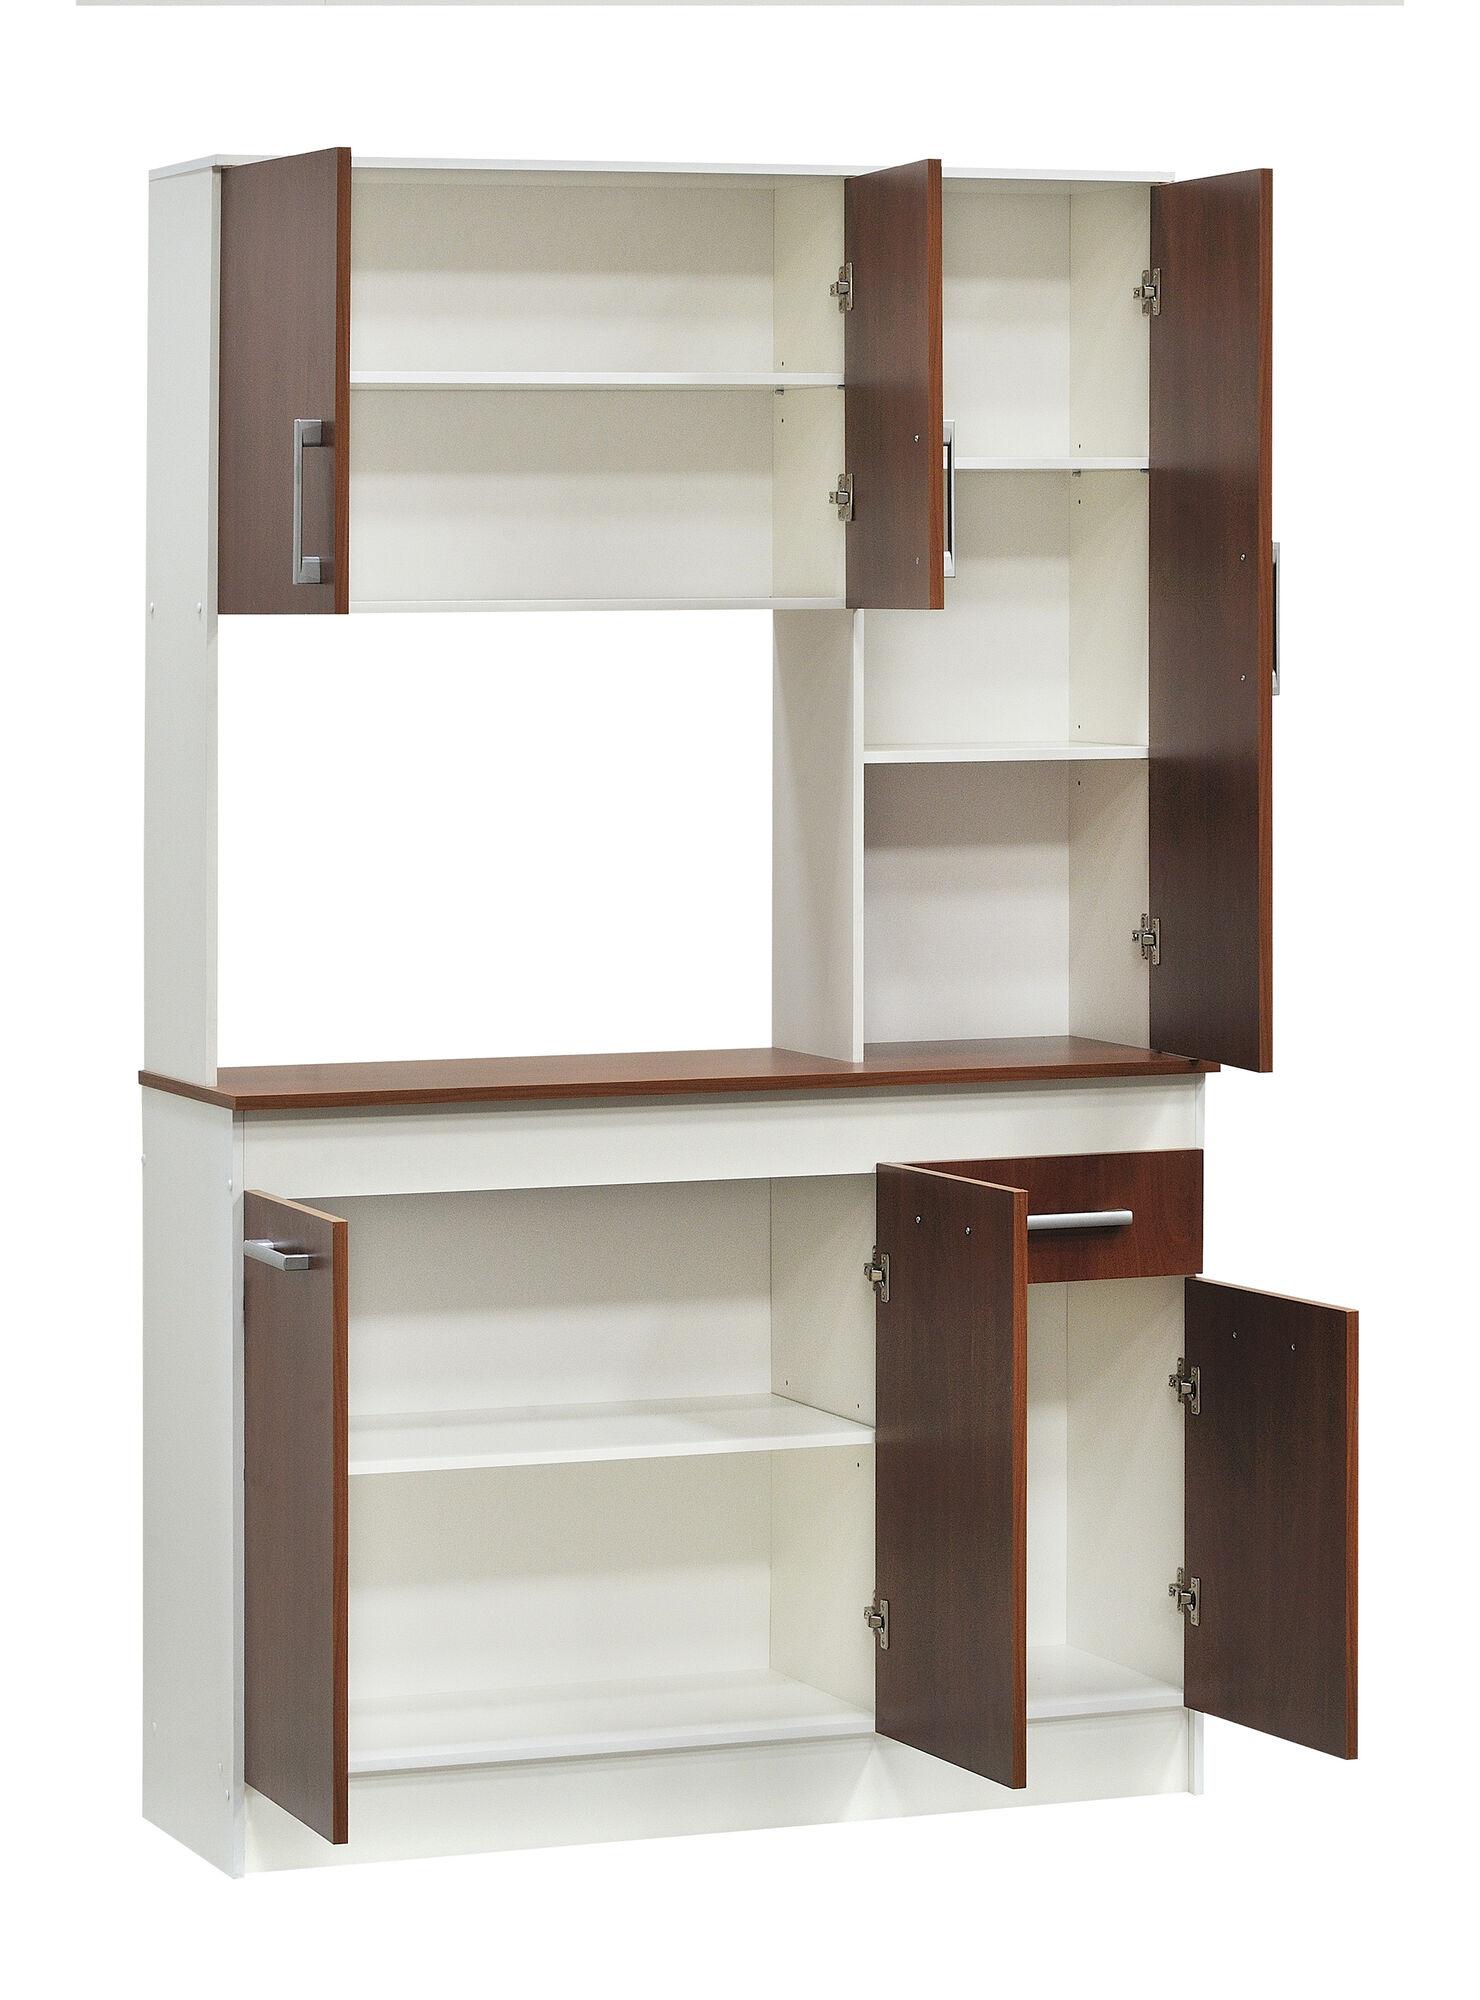 Kit Mueble de Cocina 6 Puertas 110x38x180 cm Mobikit en Muebles de ...